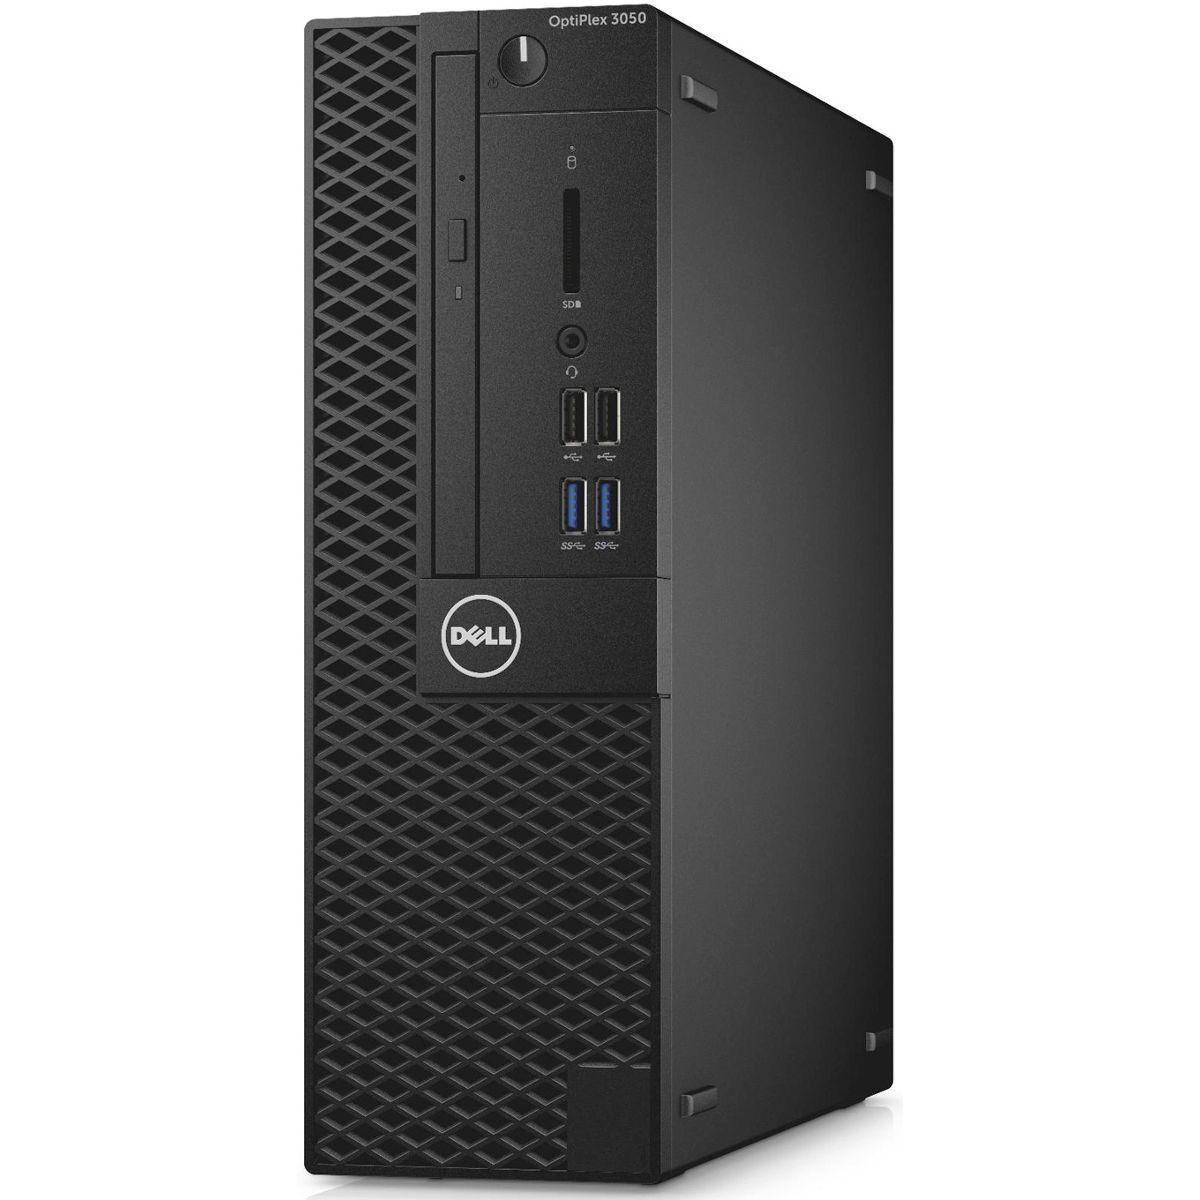 Cpu Dell Optiplex 3070 I3-9100| 8Gb| 1Tb| Dvd-Rw| Win10Pro